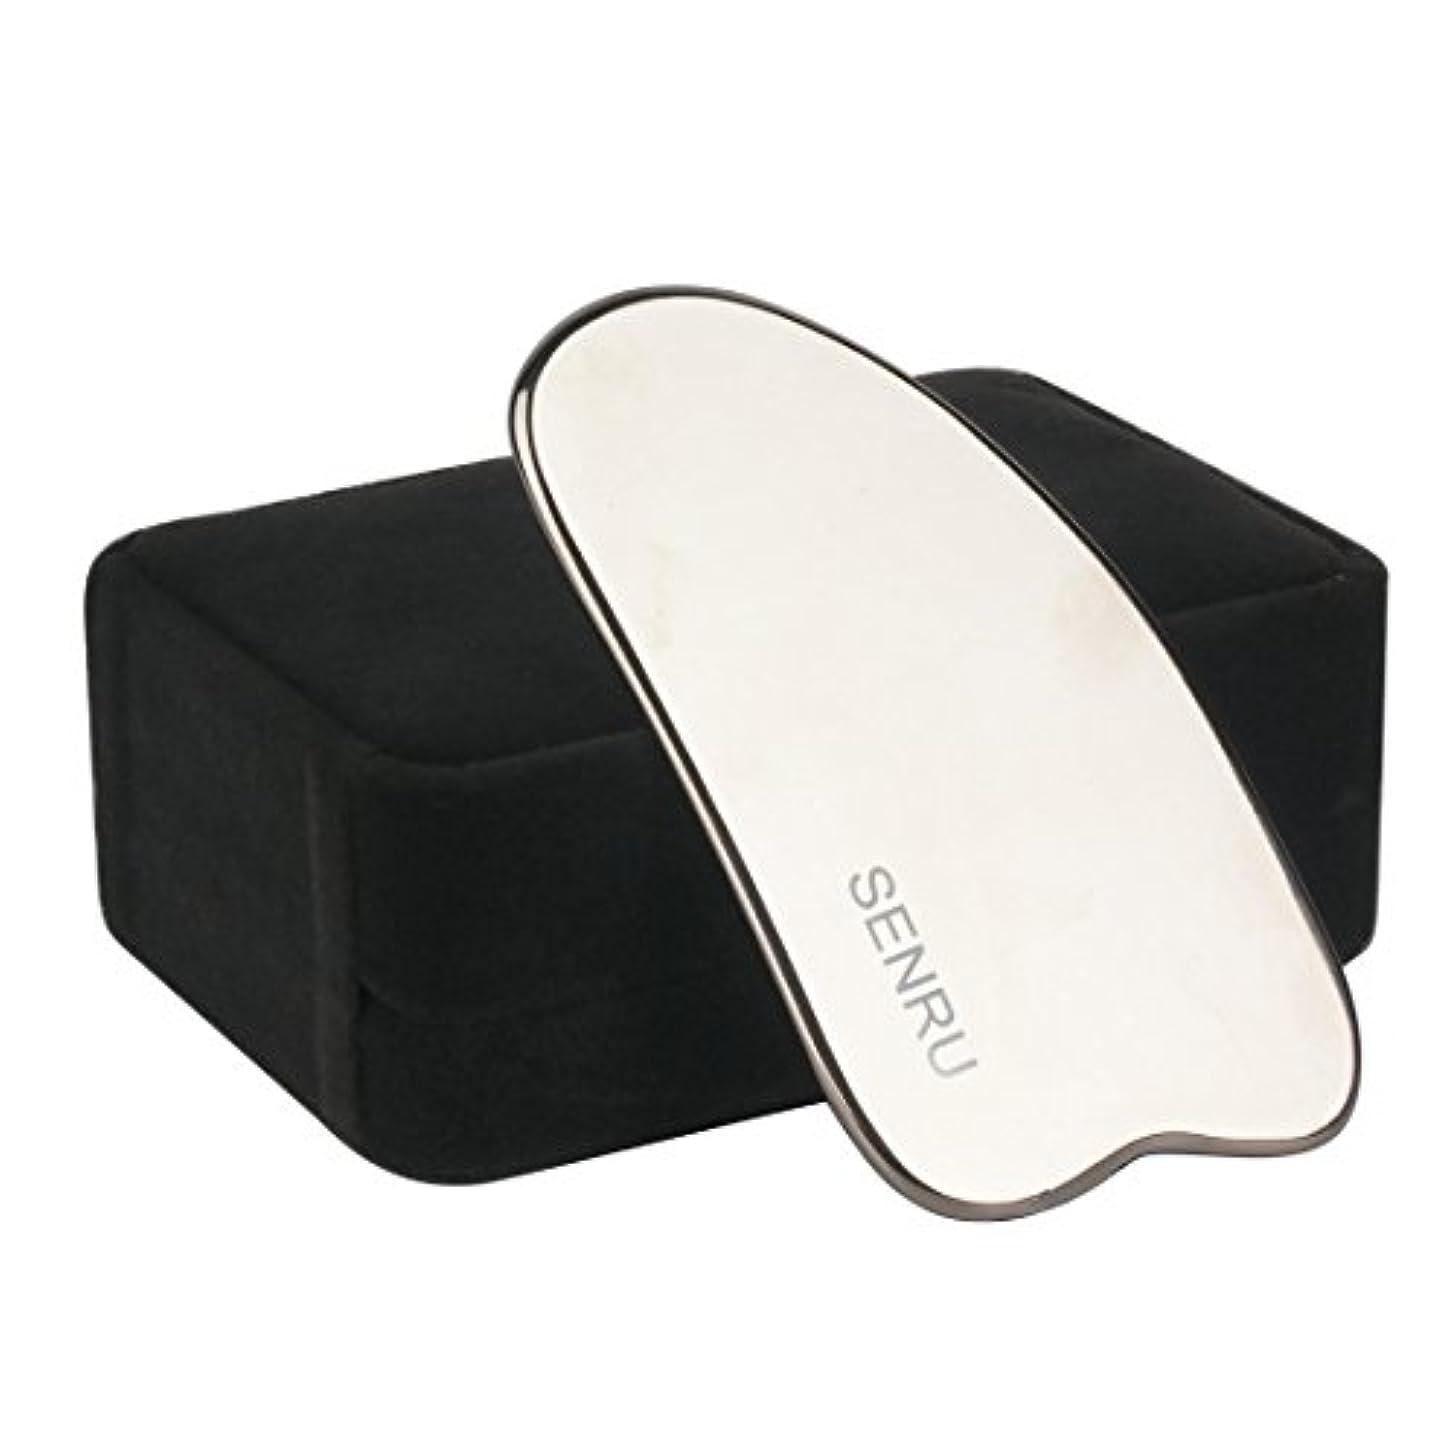 炭素みなさんエジプトSENRU チタン カッサプレート かっさマッサージ 刮痧 リンパ解毒 全身血行促進 疲れやストレス緩和 専用ケース袋付き